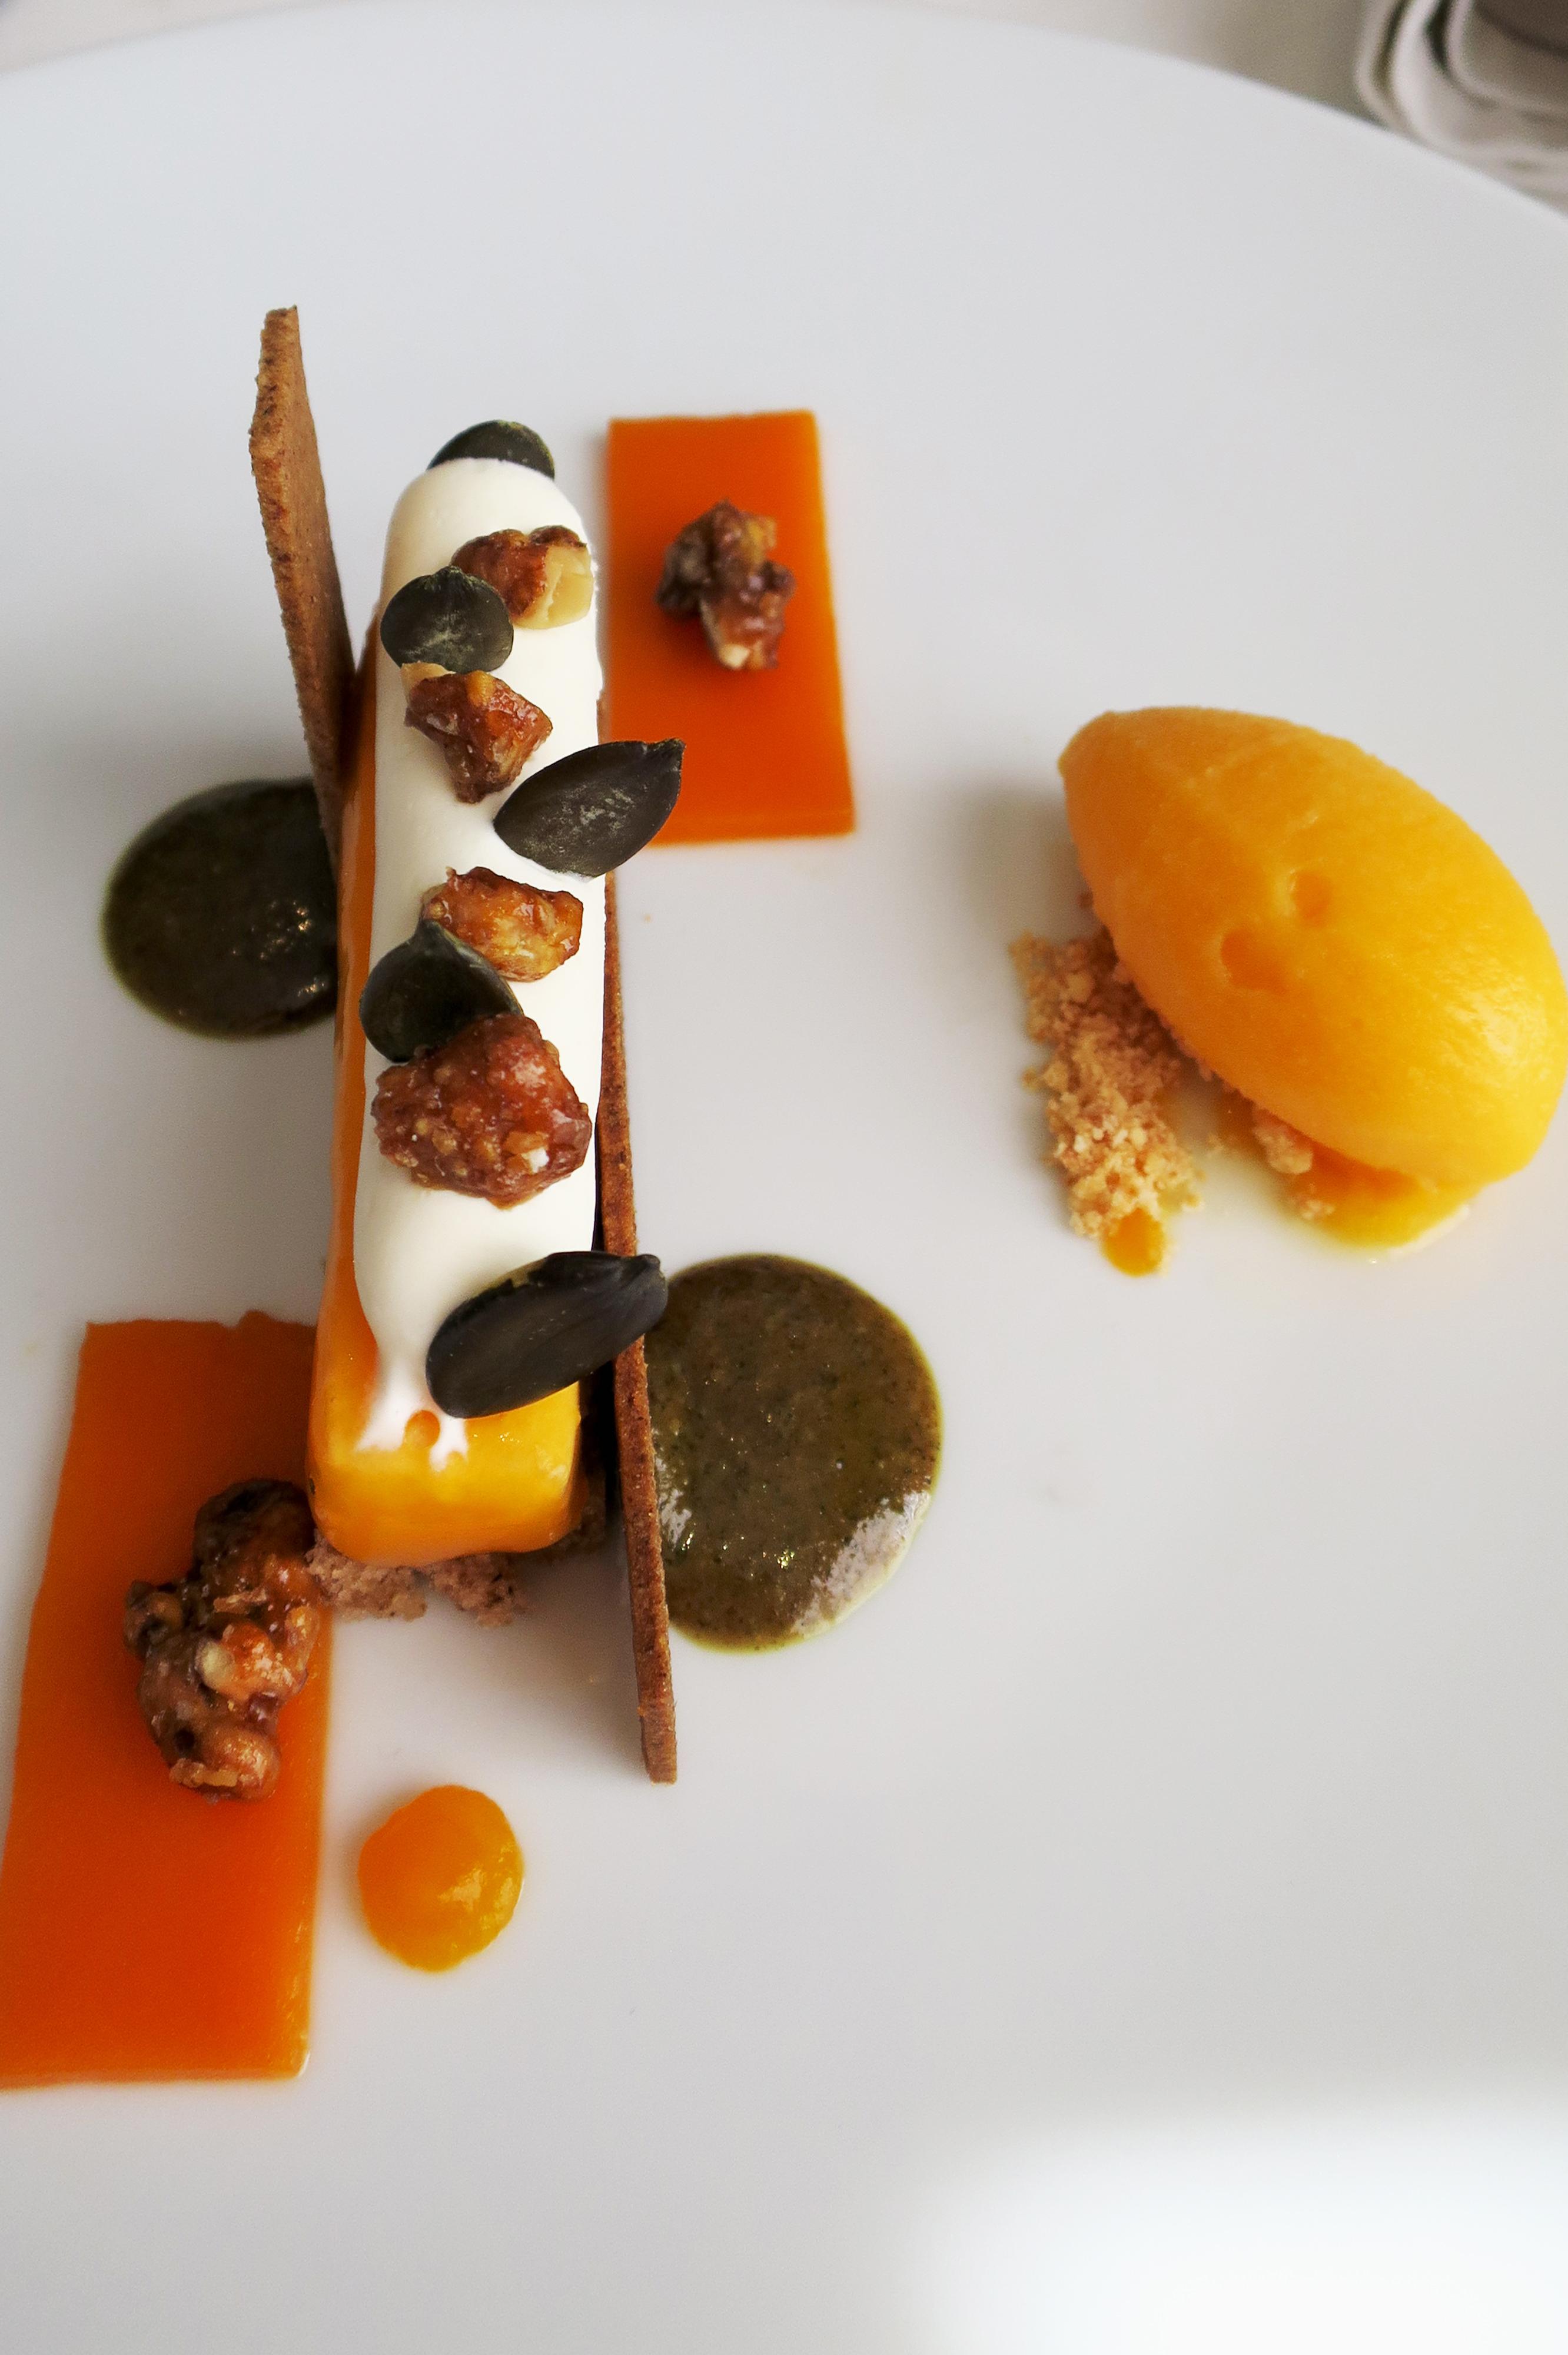 Butternut en dessert - delimoon.com - le Pont de Brent